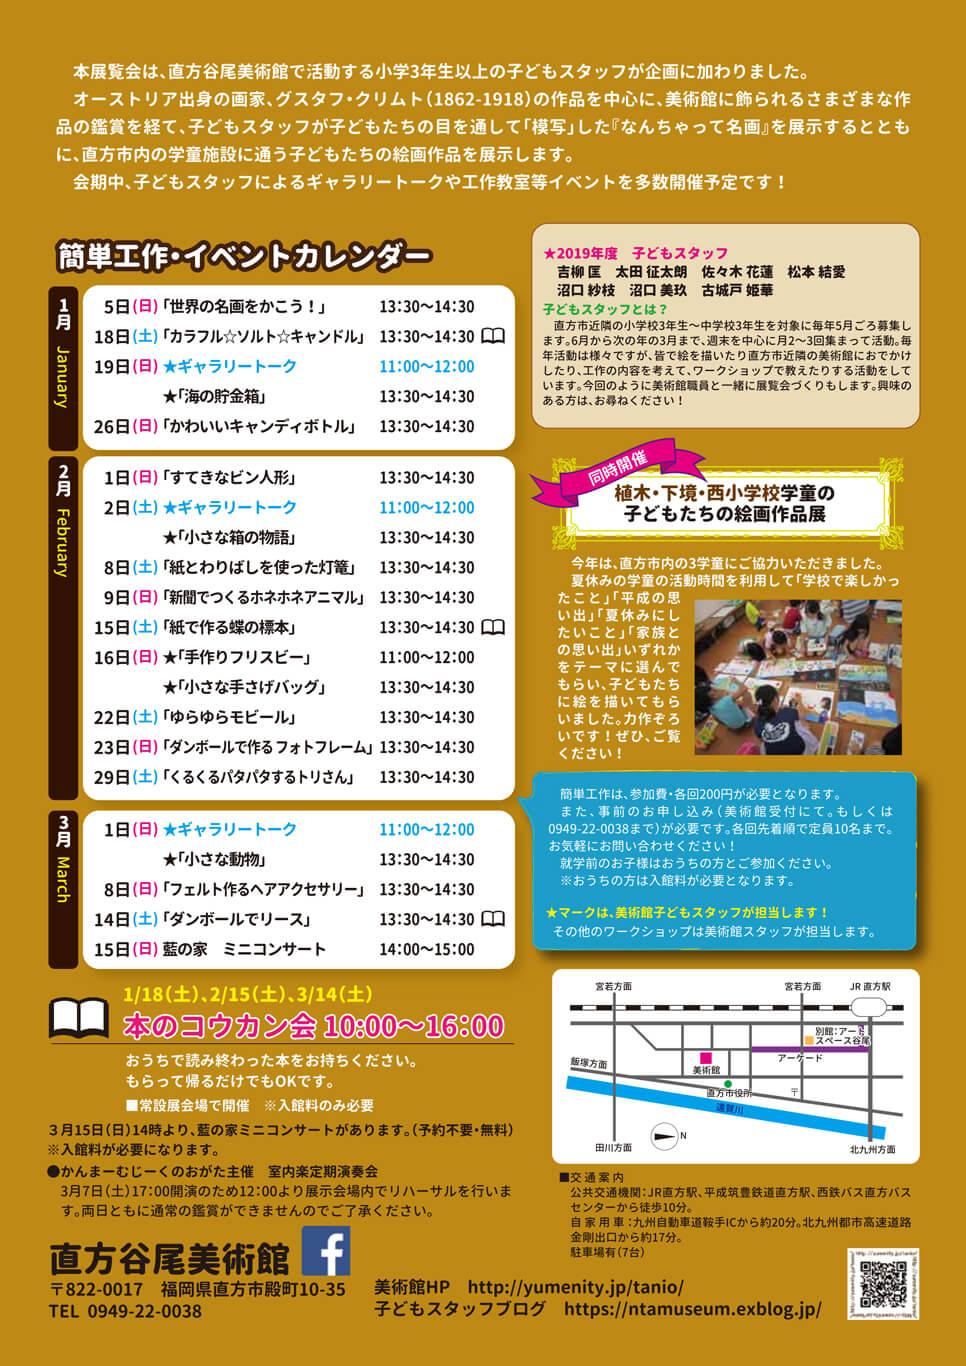 ntam-202001-な〜んちゃってクリムト展2